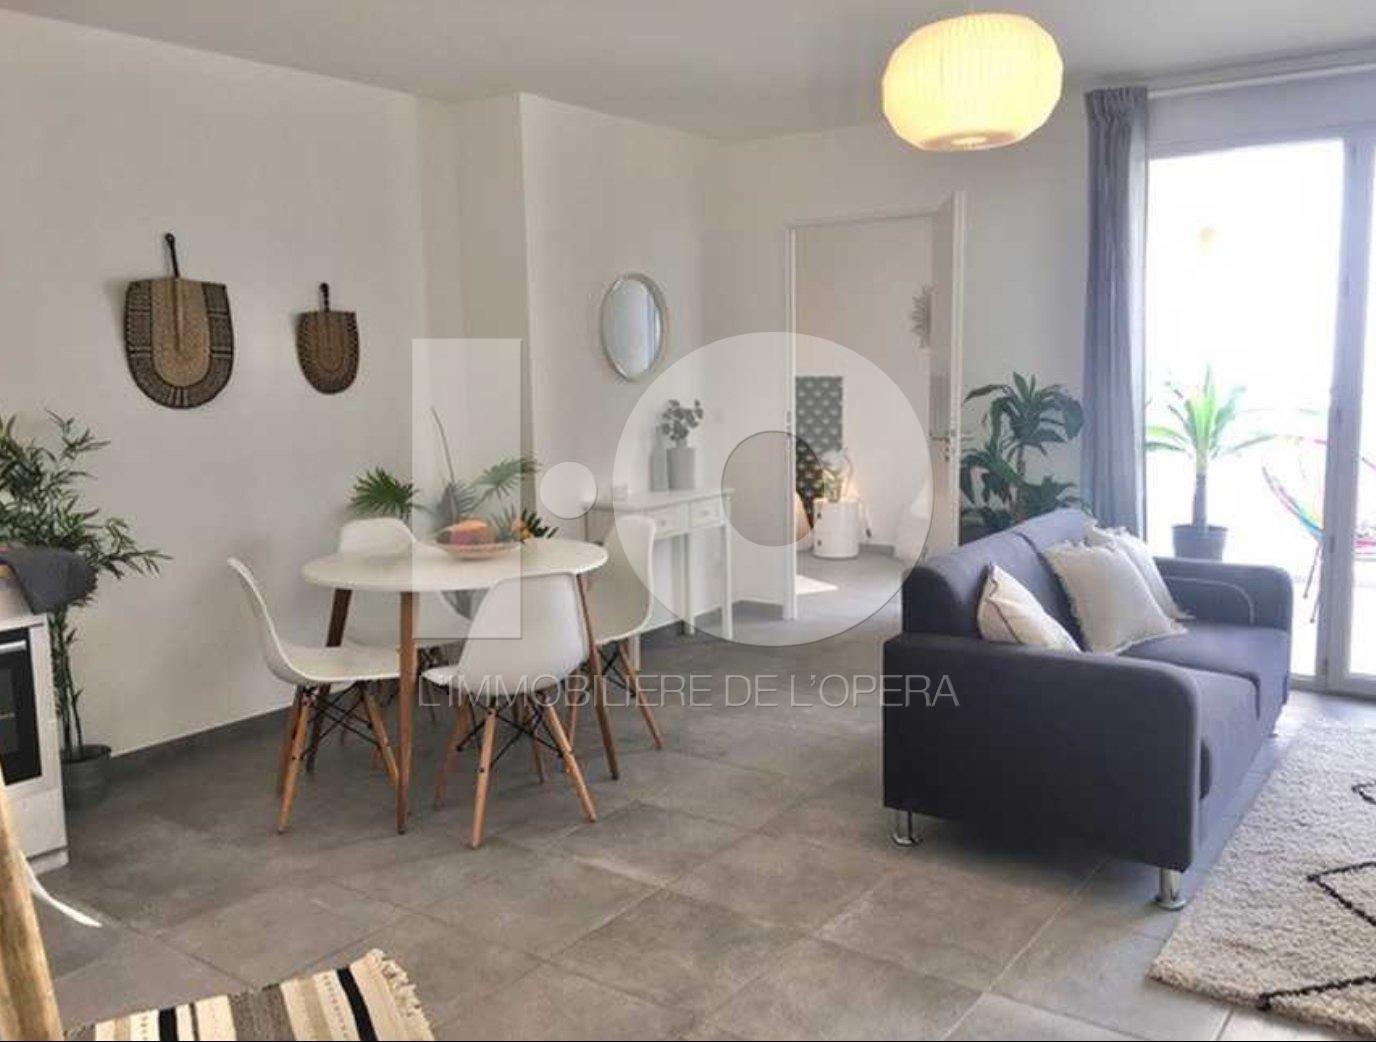 NICE VAUBAN - Appartement 3 pièces de 62m2 + Terrasse